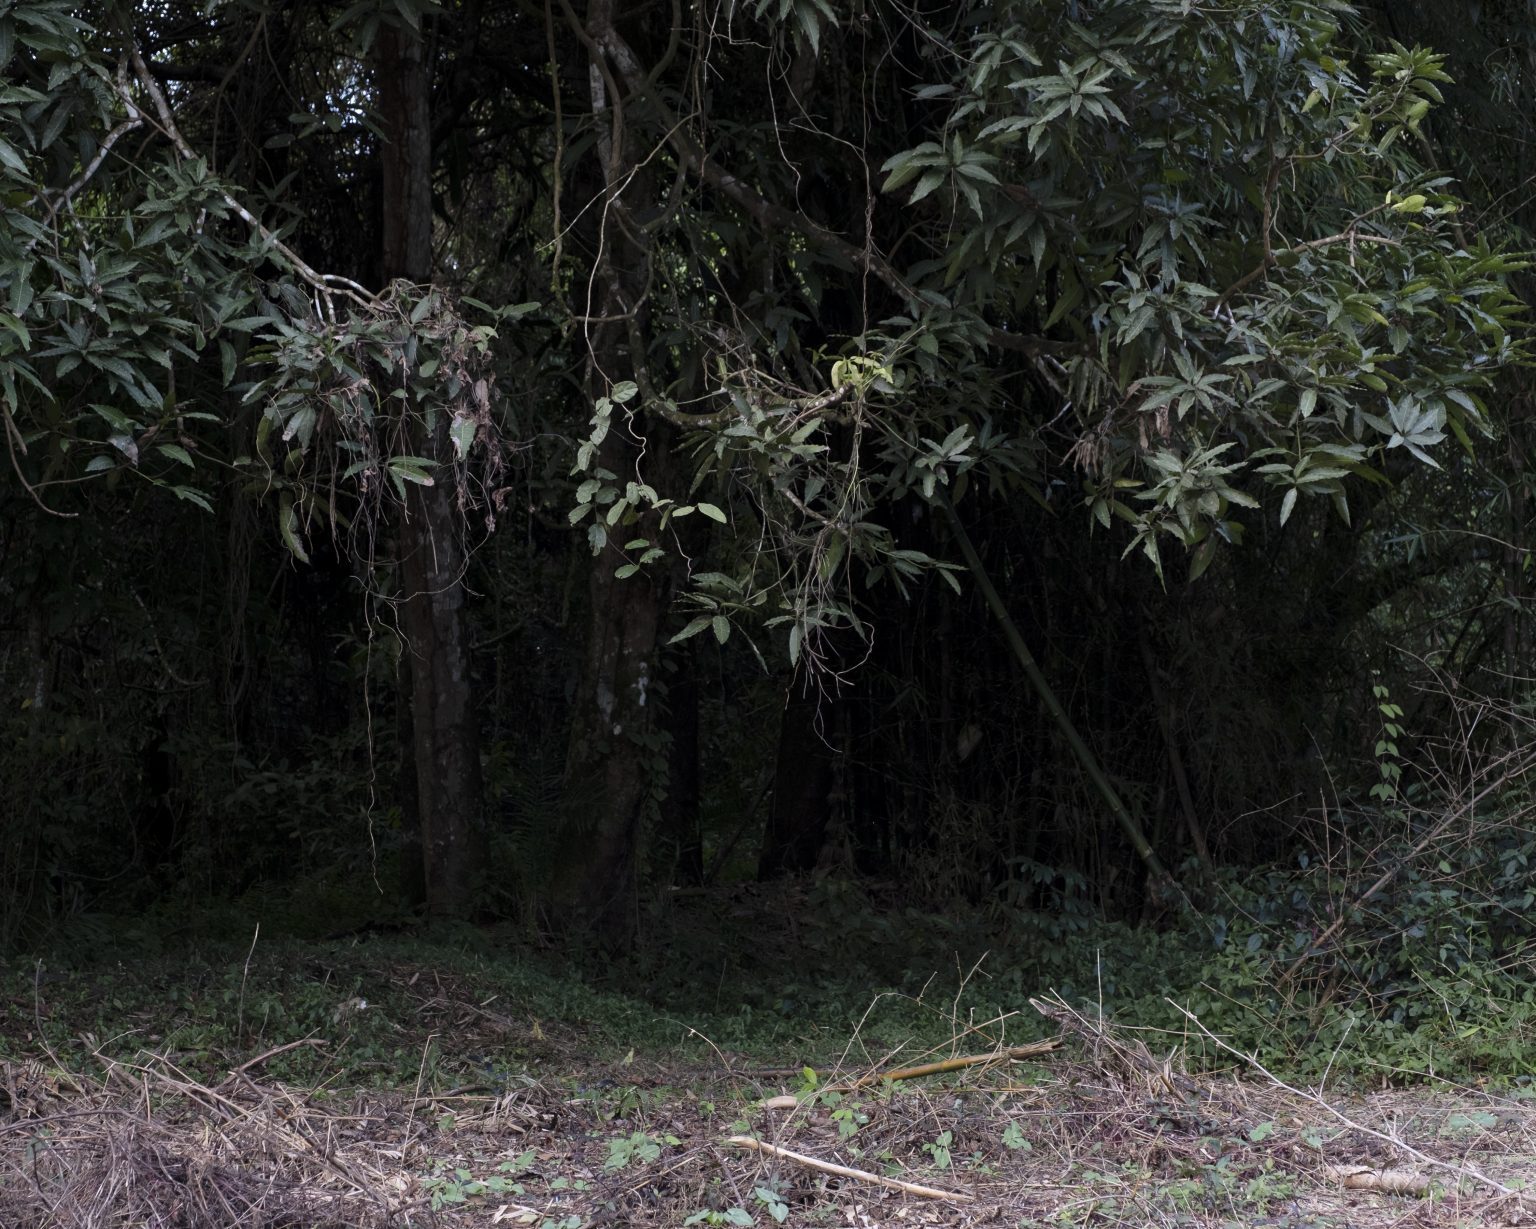 Northwestern Liberia, October 2019 - The equatorial forest where the Sande school is located. >< Liberia nord-occidentale, ottobre 2019 - La foresta equatoriale dove sorge la scuola Sande.